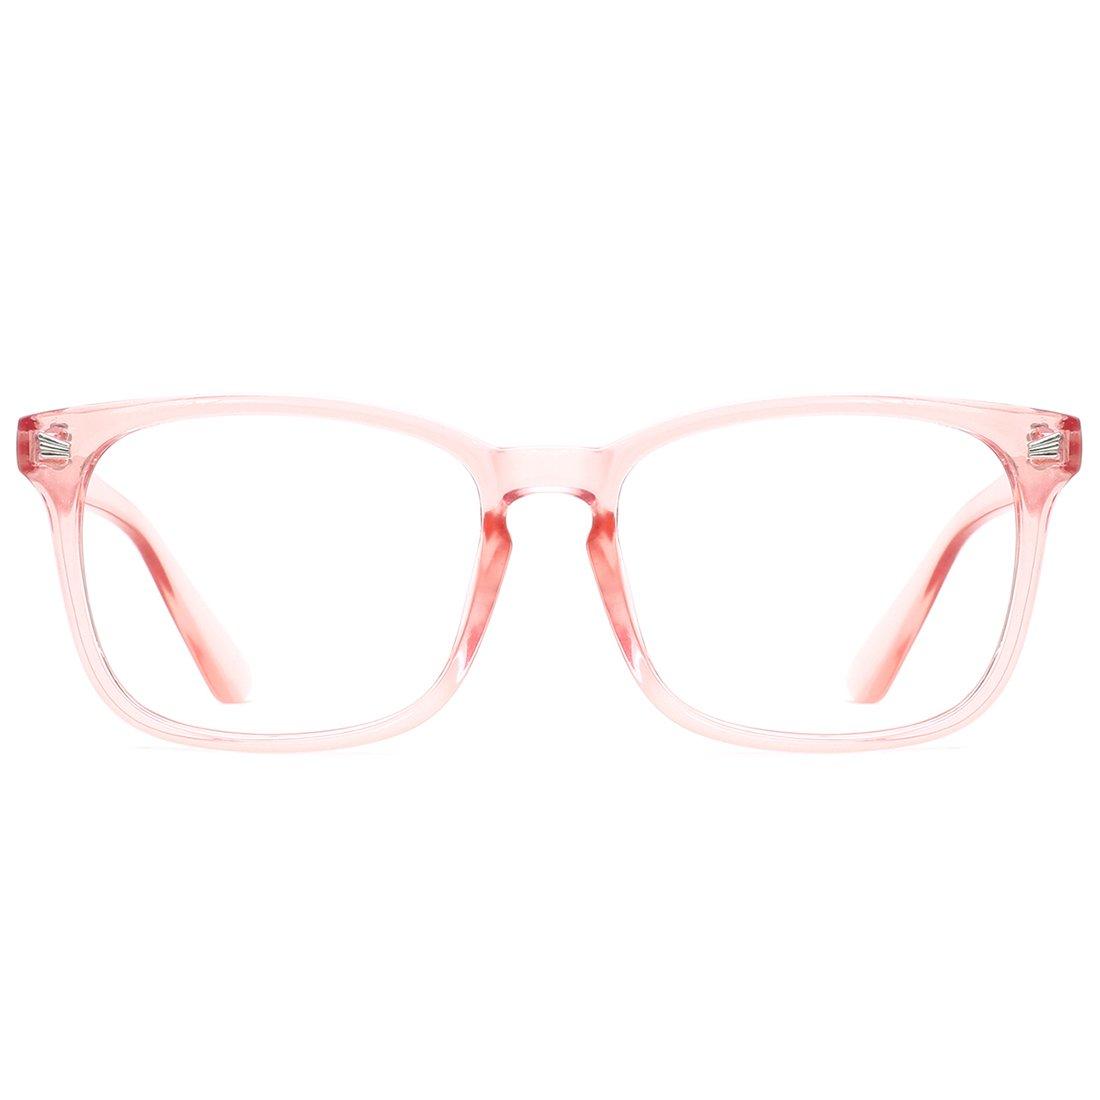 TIJN Blue Light Blocking Glasses Wayfarer Nerd Eyeglasses Frame Computer Game Glasses 00089302